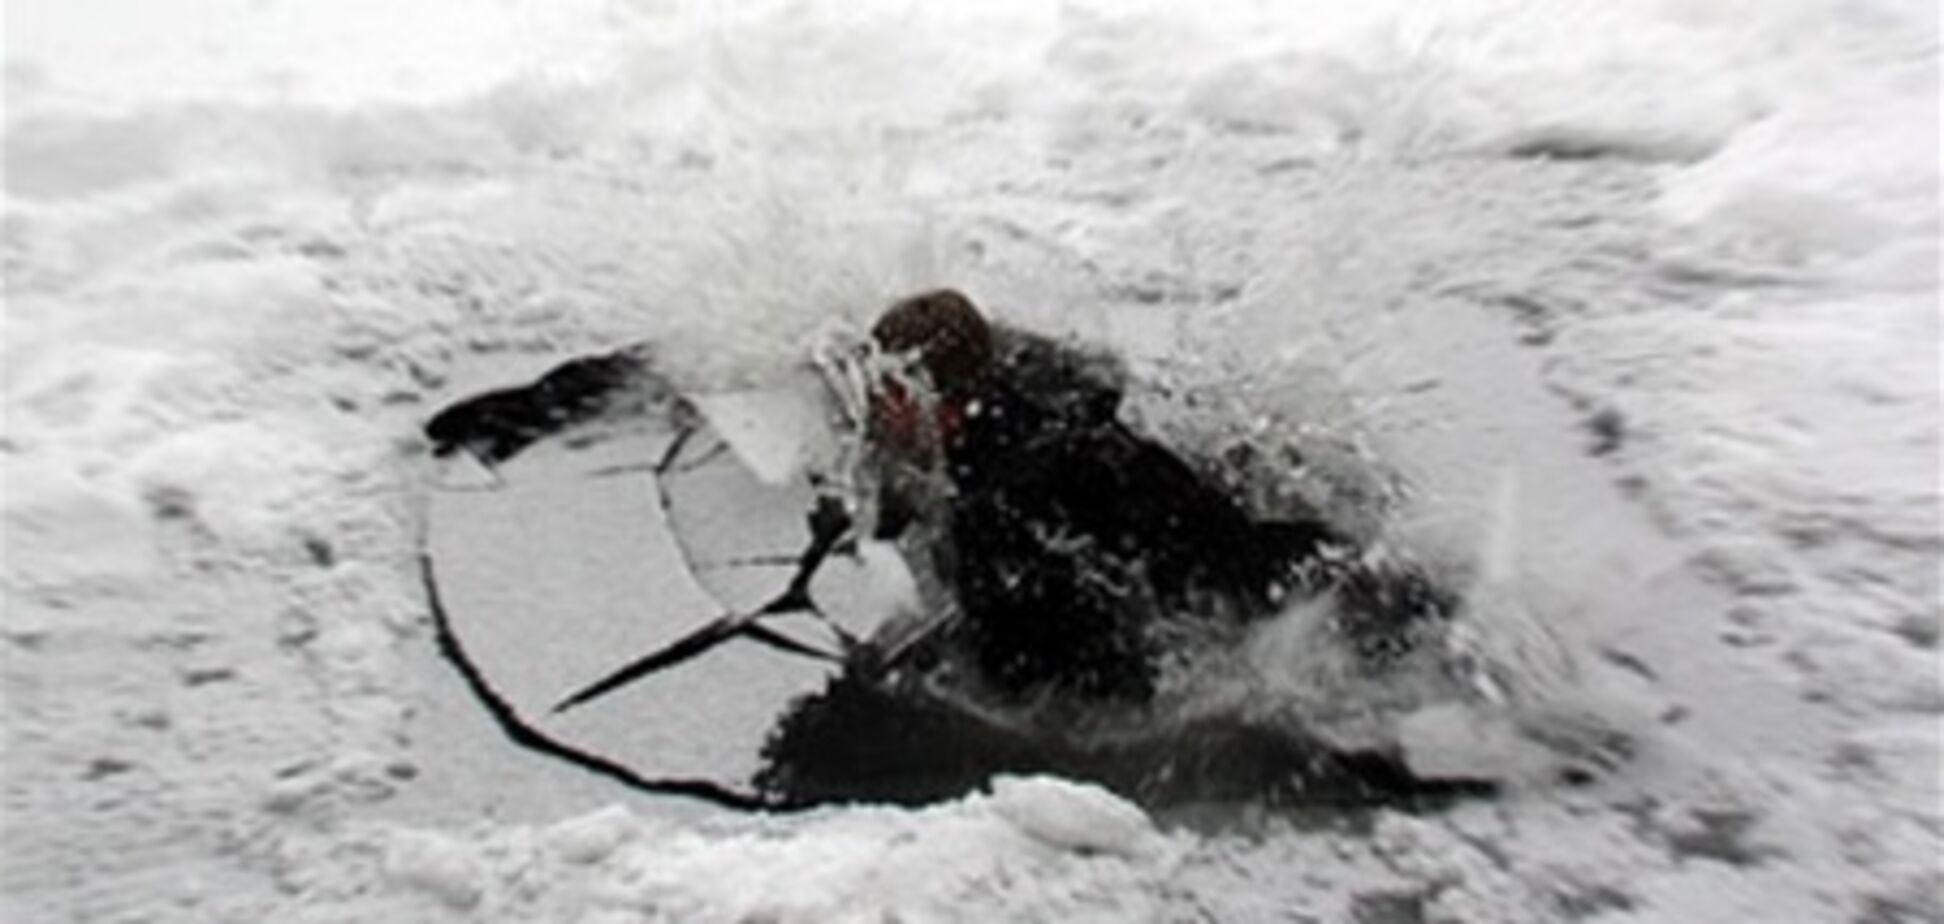 На Херсонщине утонул мужчина, пытавшийся спасти провалившуюся под лед девочку